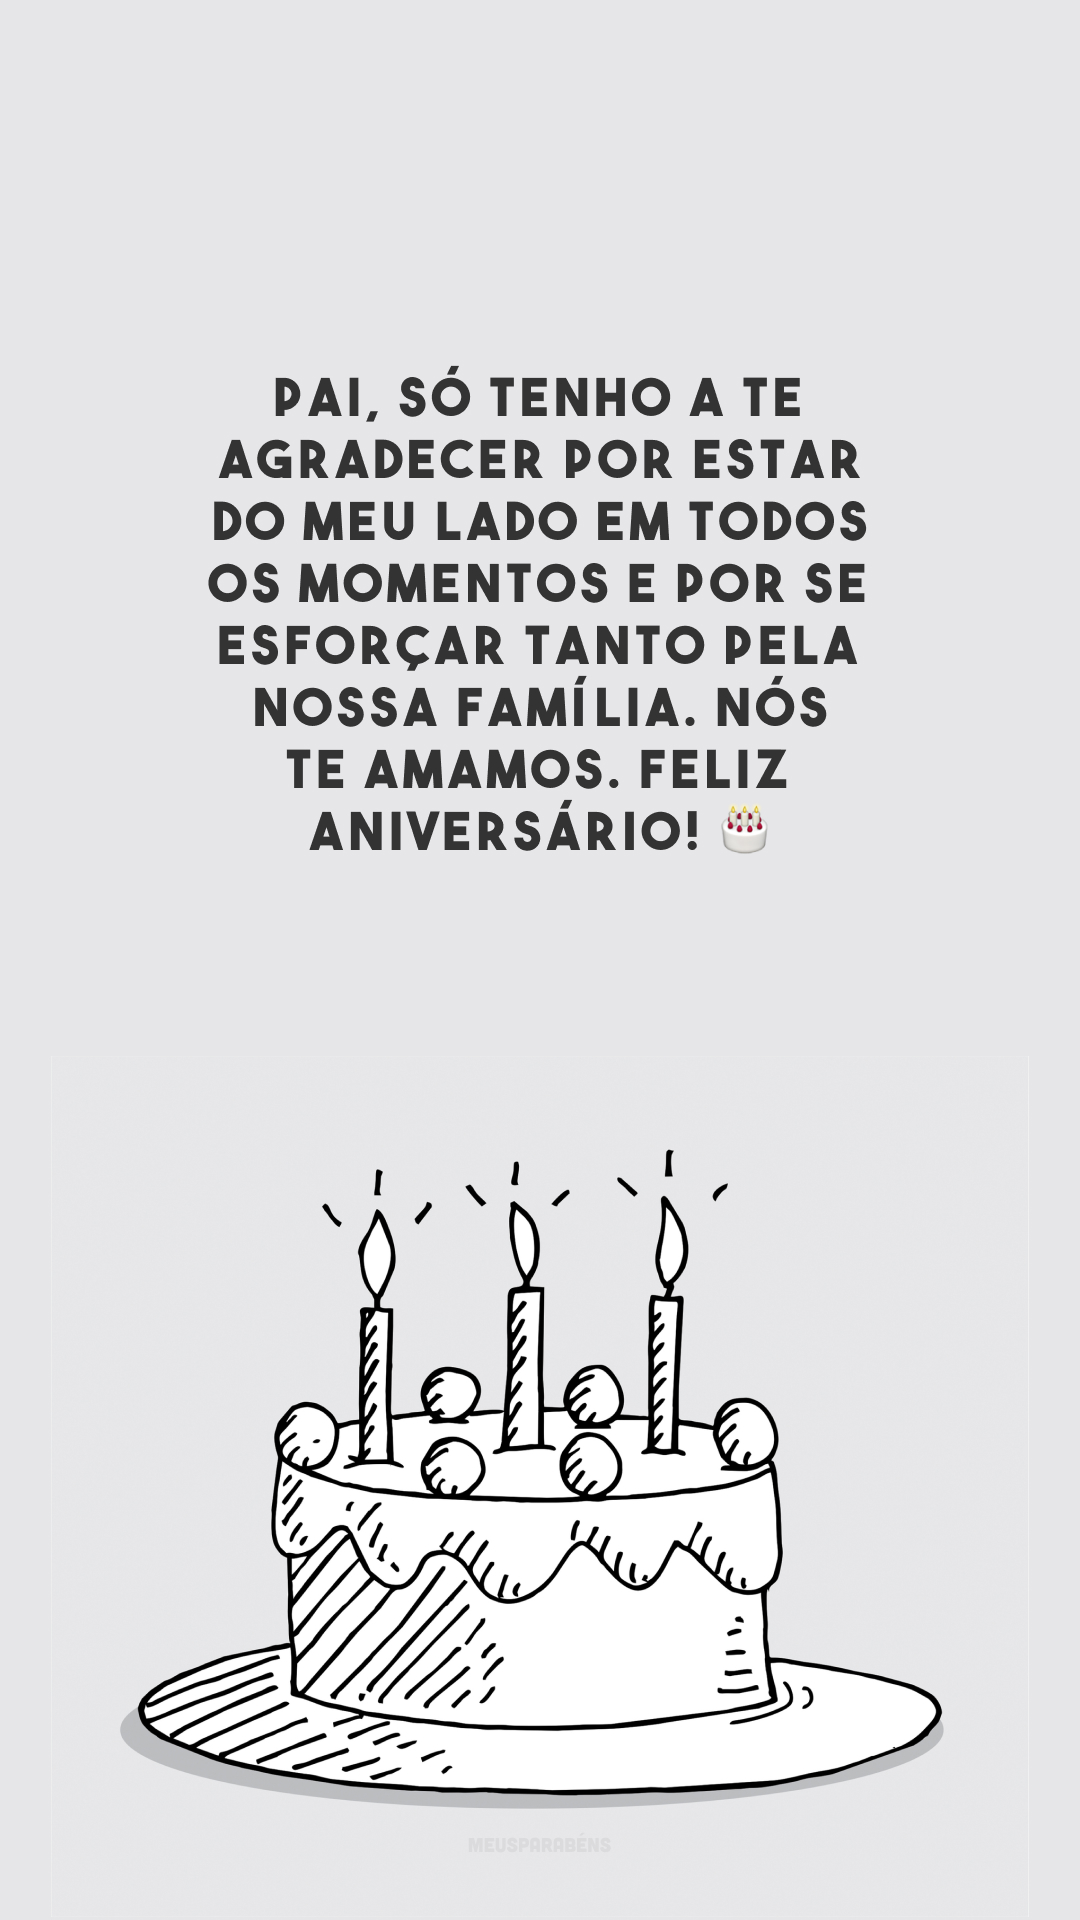 Pai, só tenho a te agradecer por estar do meu lado em todos os momentos e por se esforçar tanto pela nossa família. Nós te amamos. Feliz aniversário! 🎂